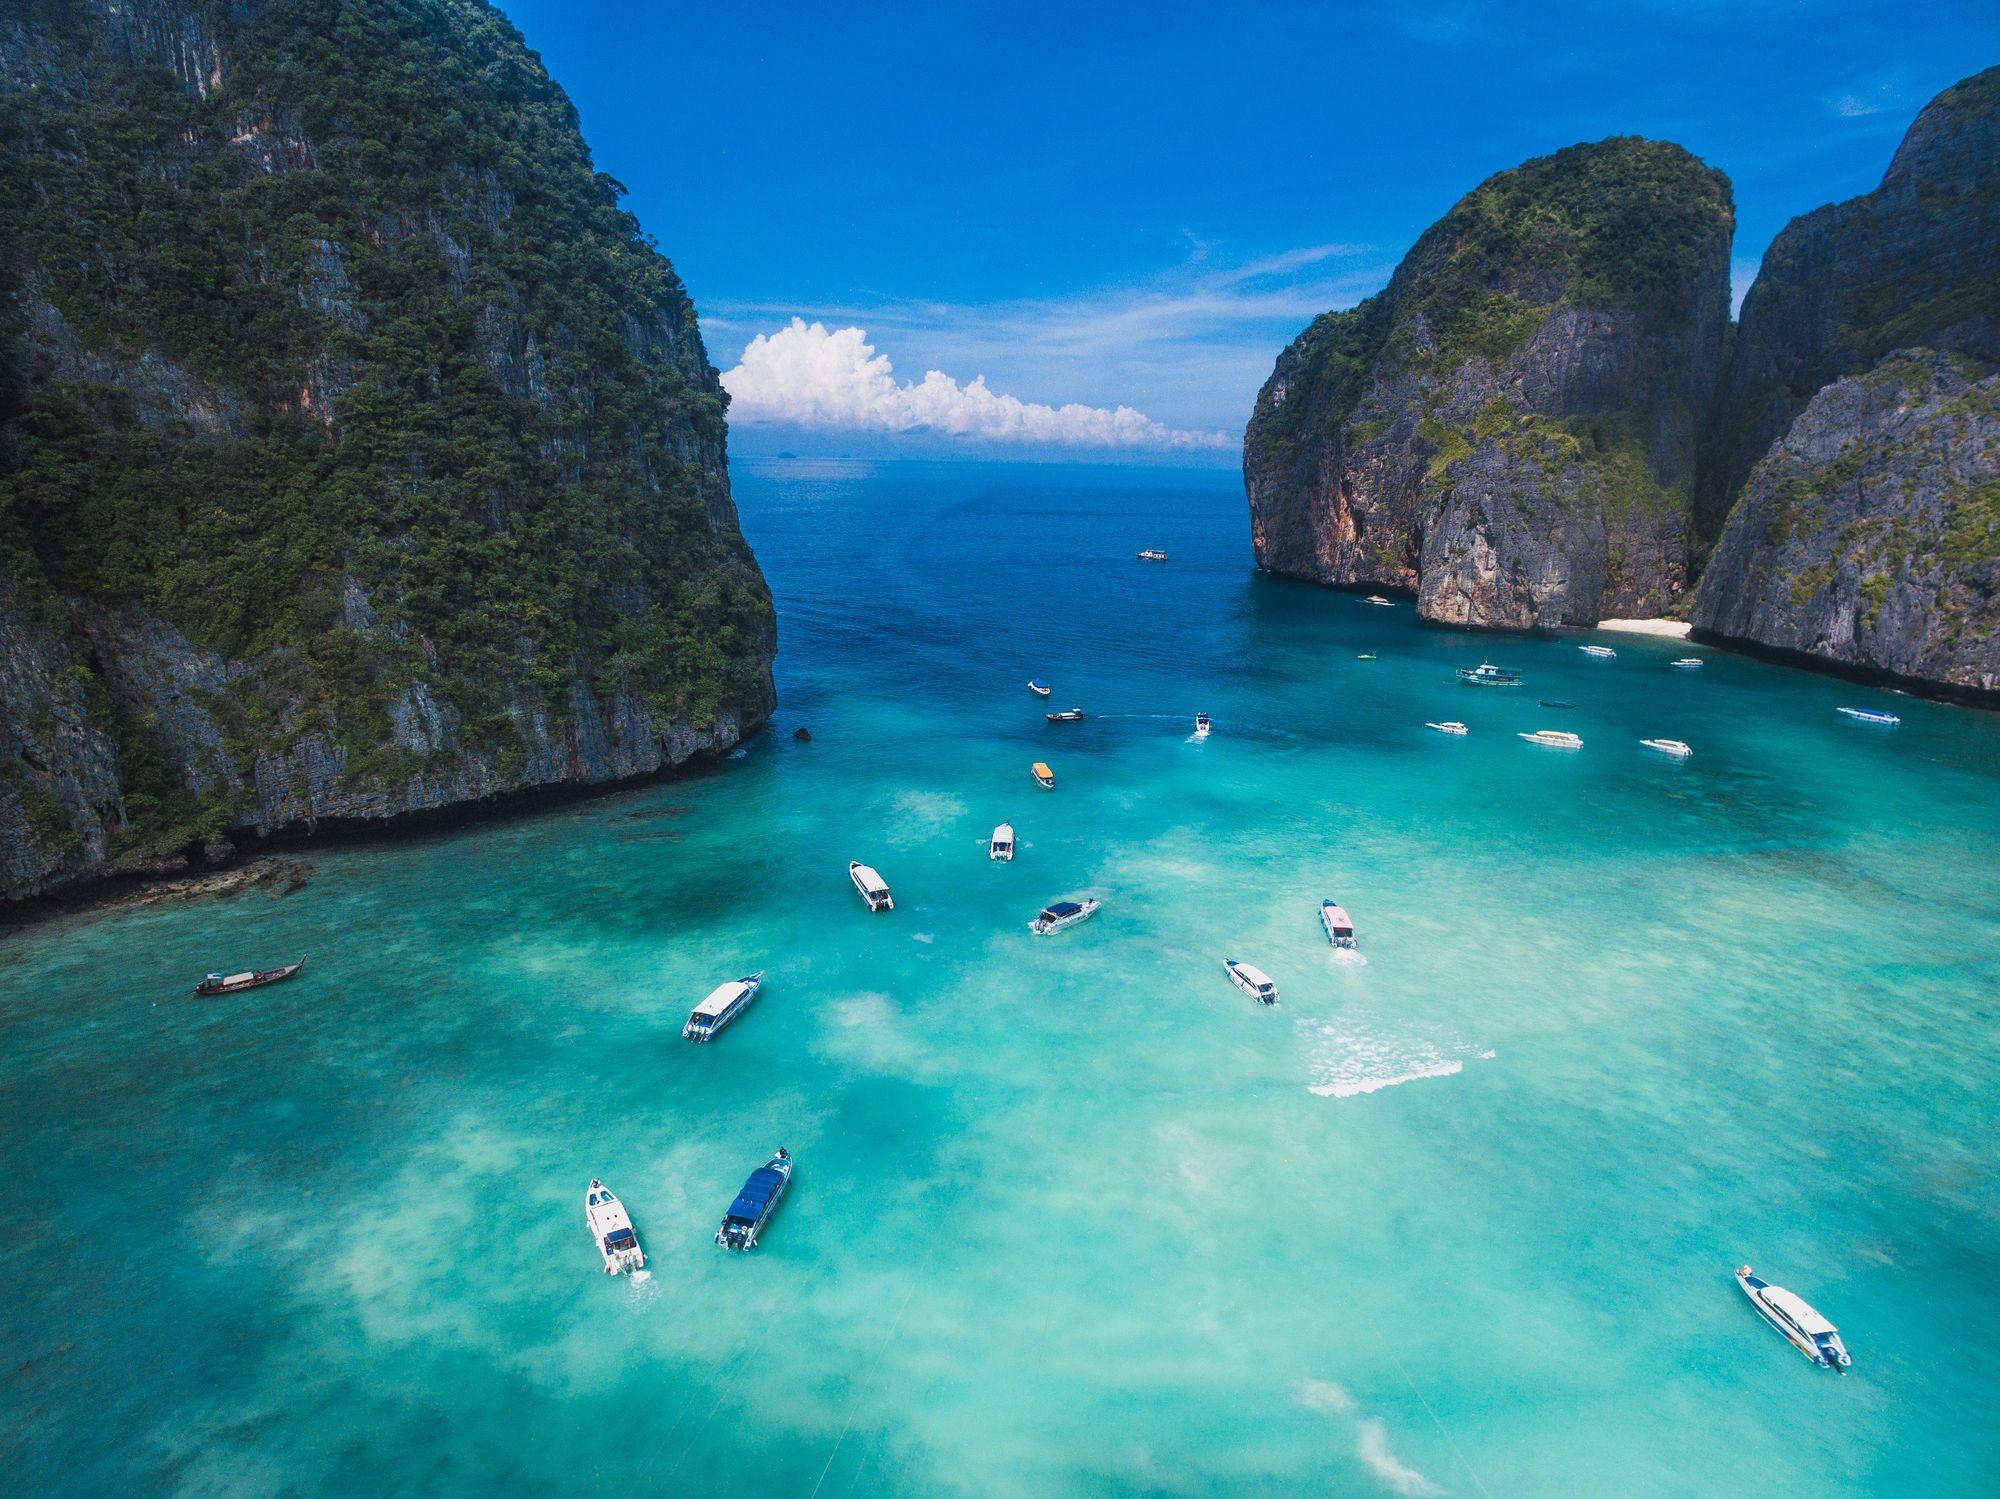 tajlandoa